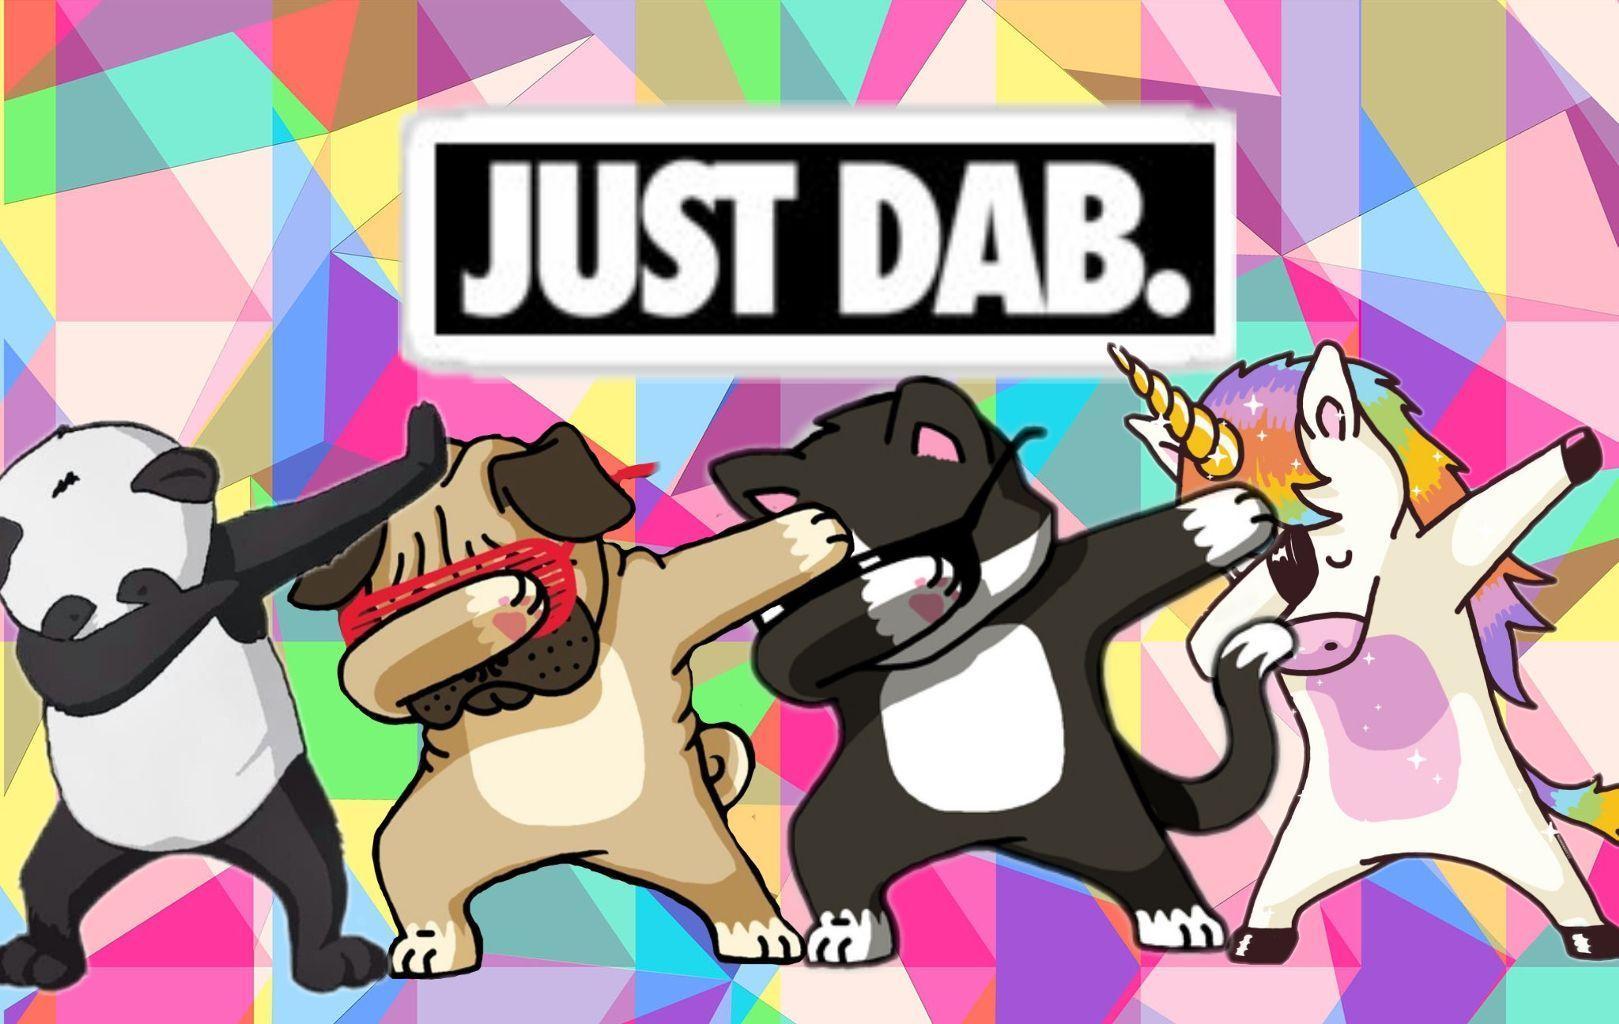 dab dabbing panda unicorn dog cat.